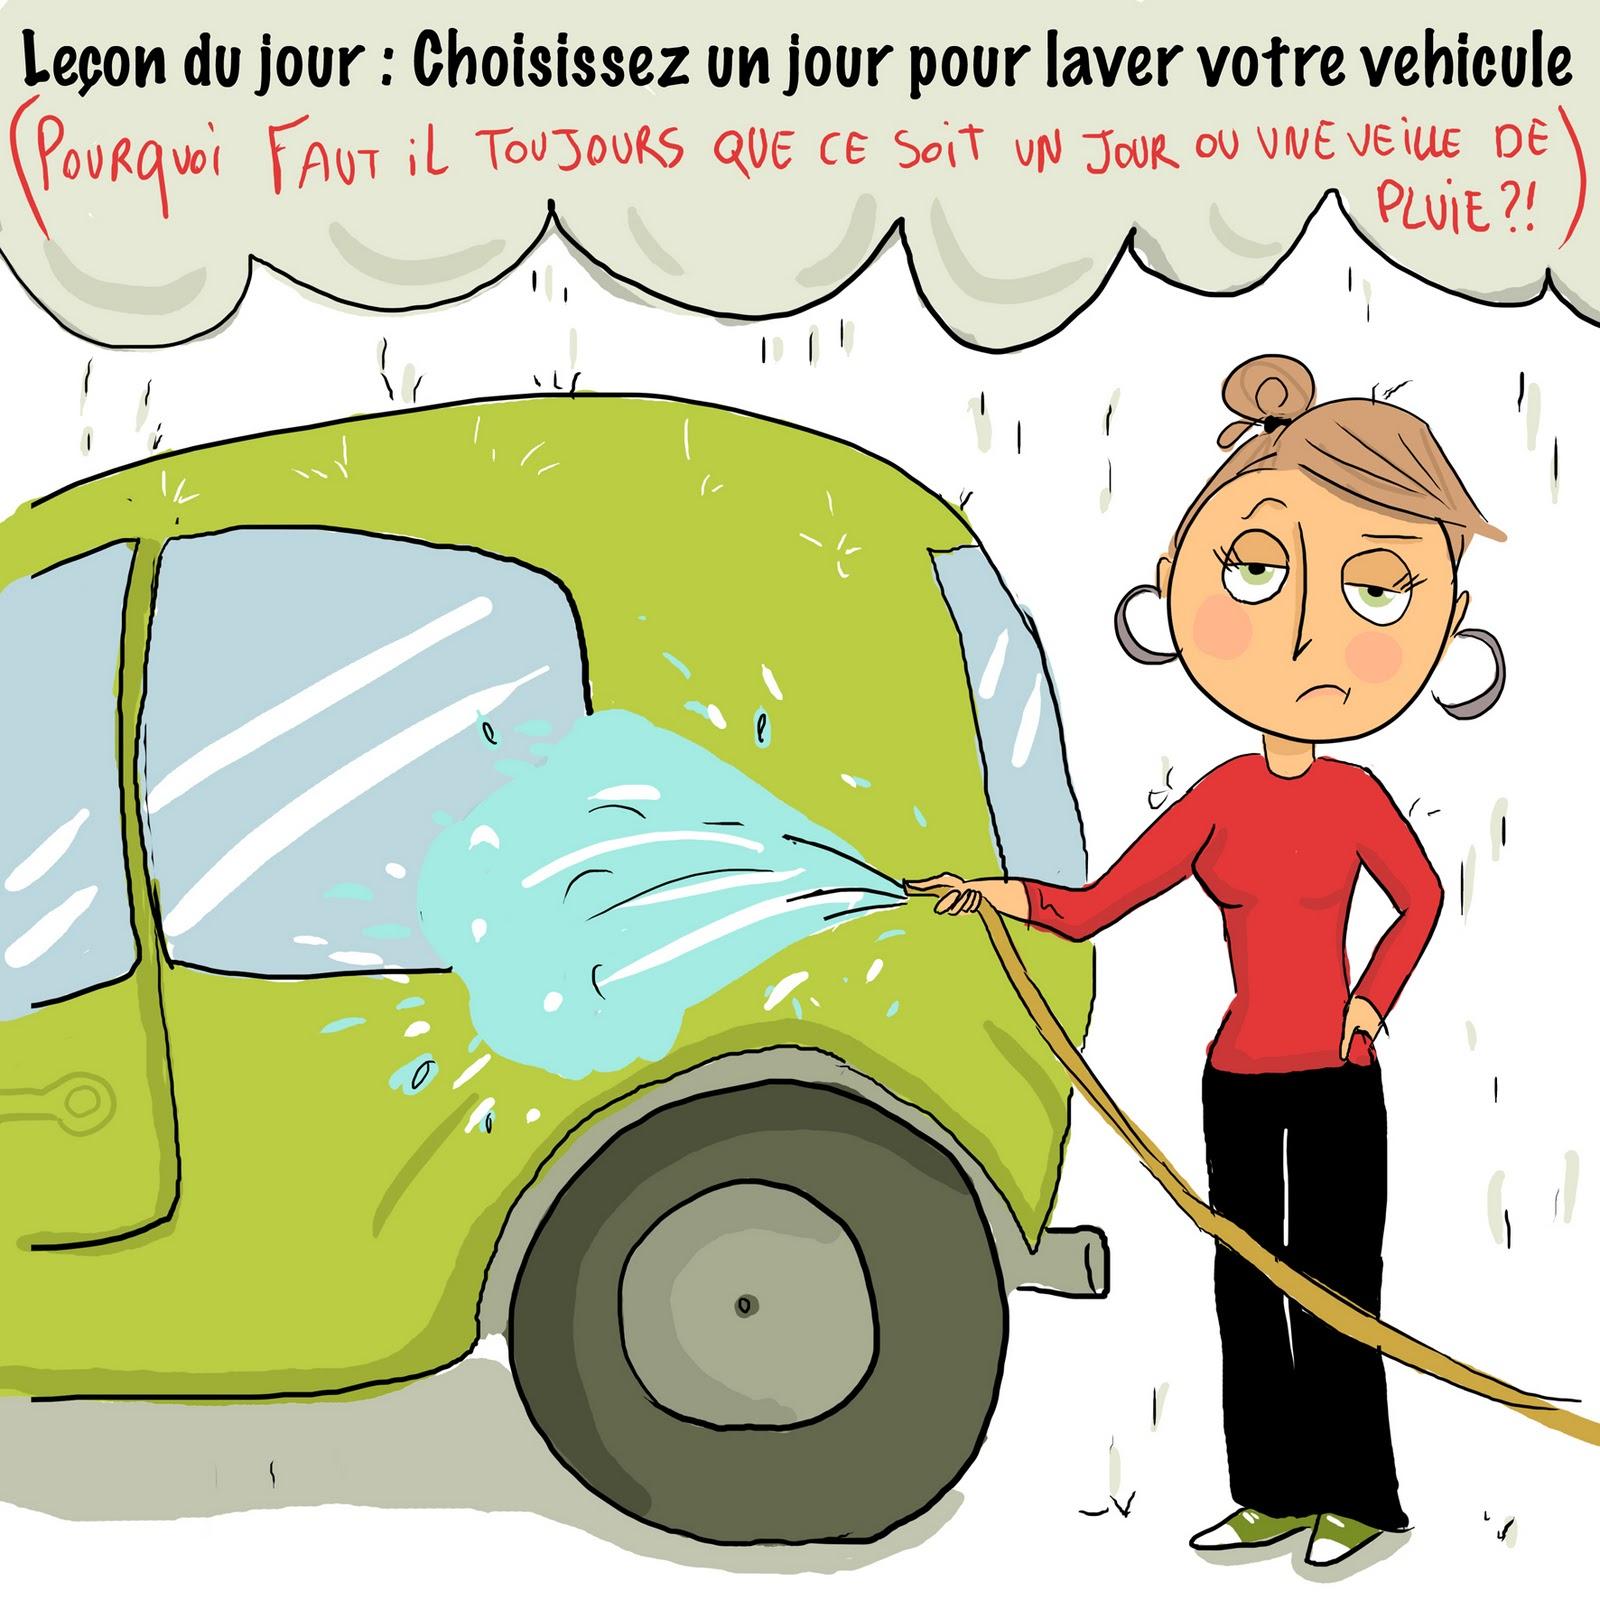 Les le ons de miss padsouci d cembre 2010 - Coloriage car wash ...